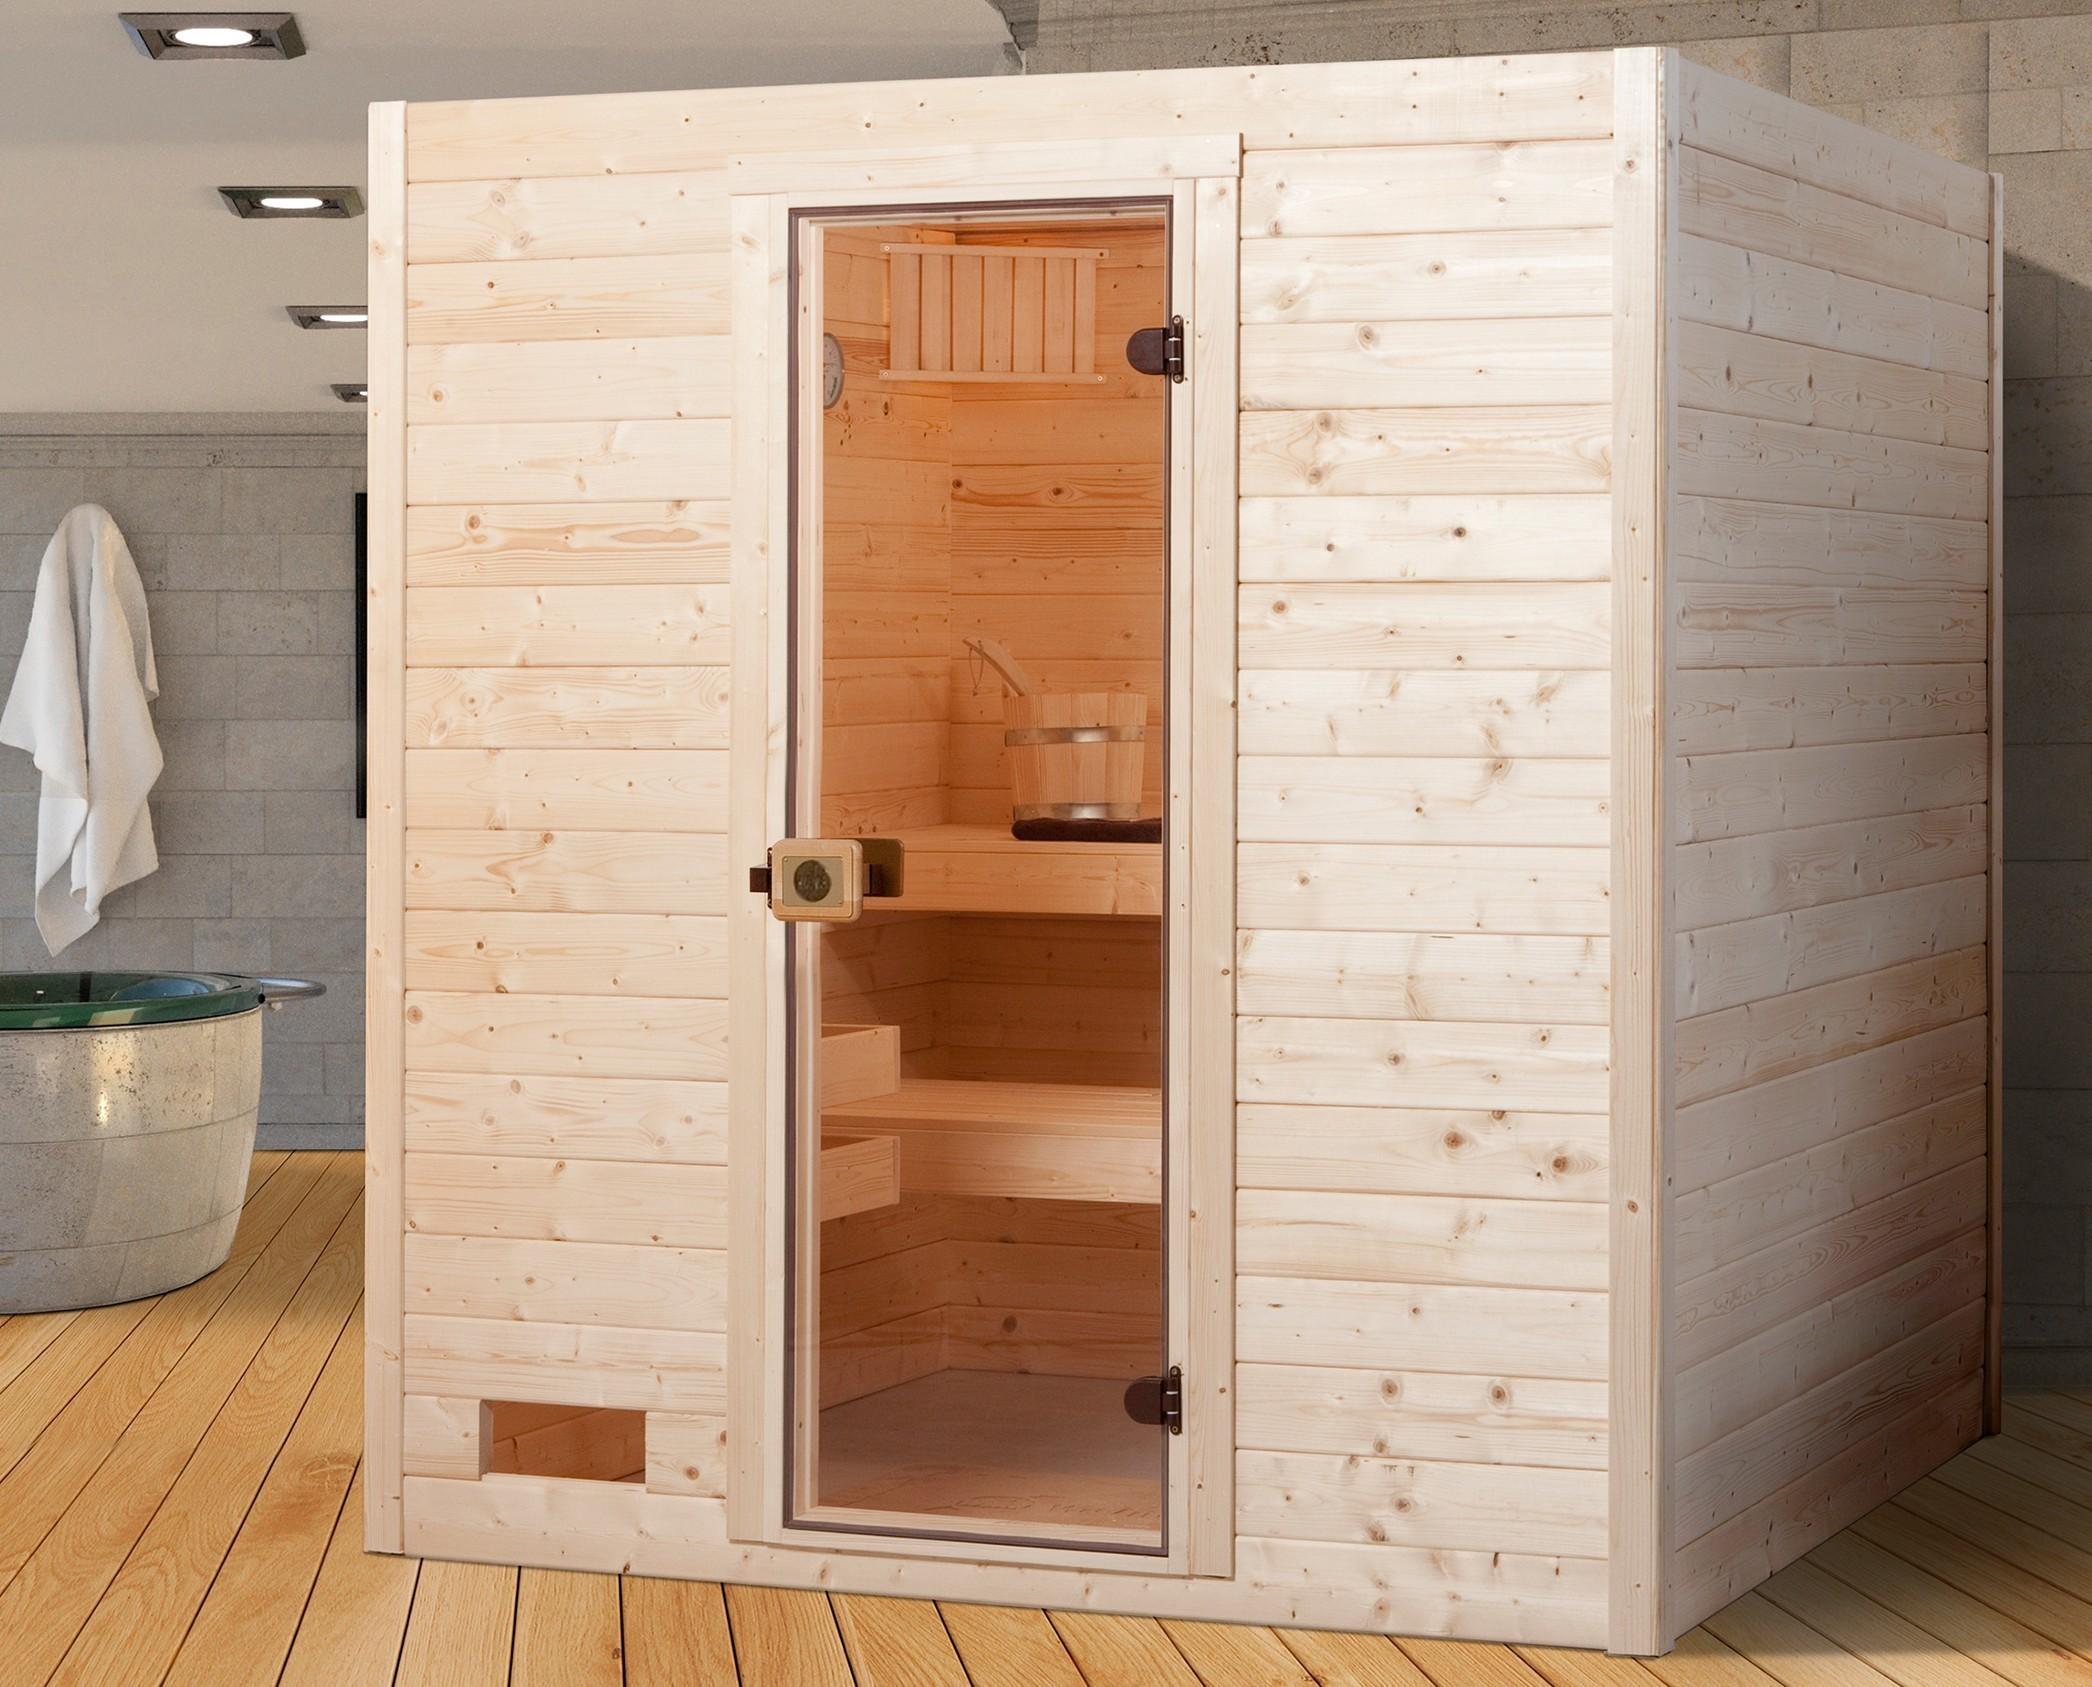 Weka Sauna Valida 3 38mm ohne Saunaofen mit Glastür Bild 1